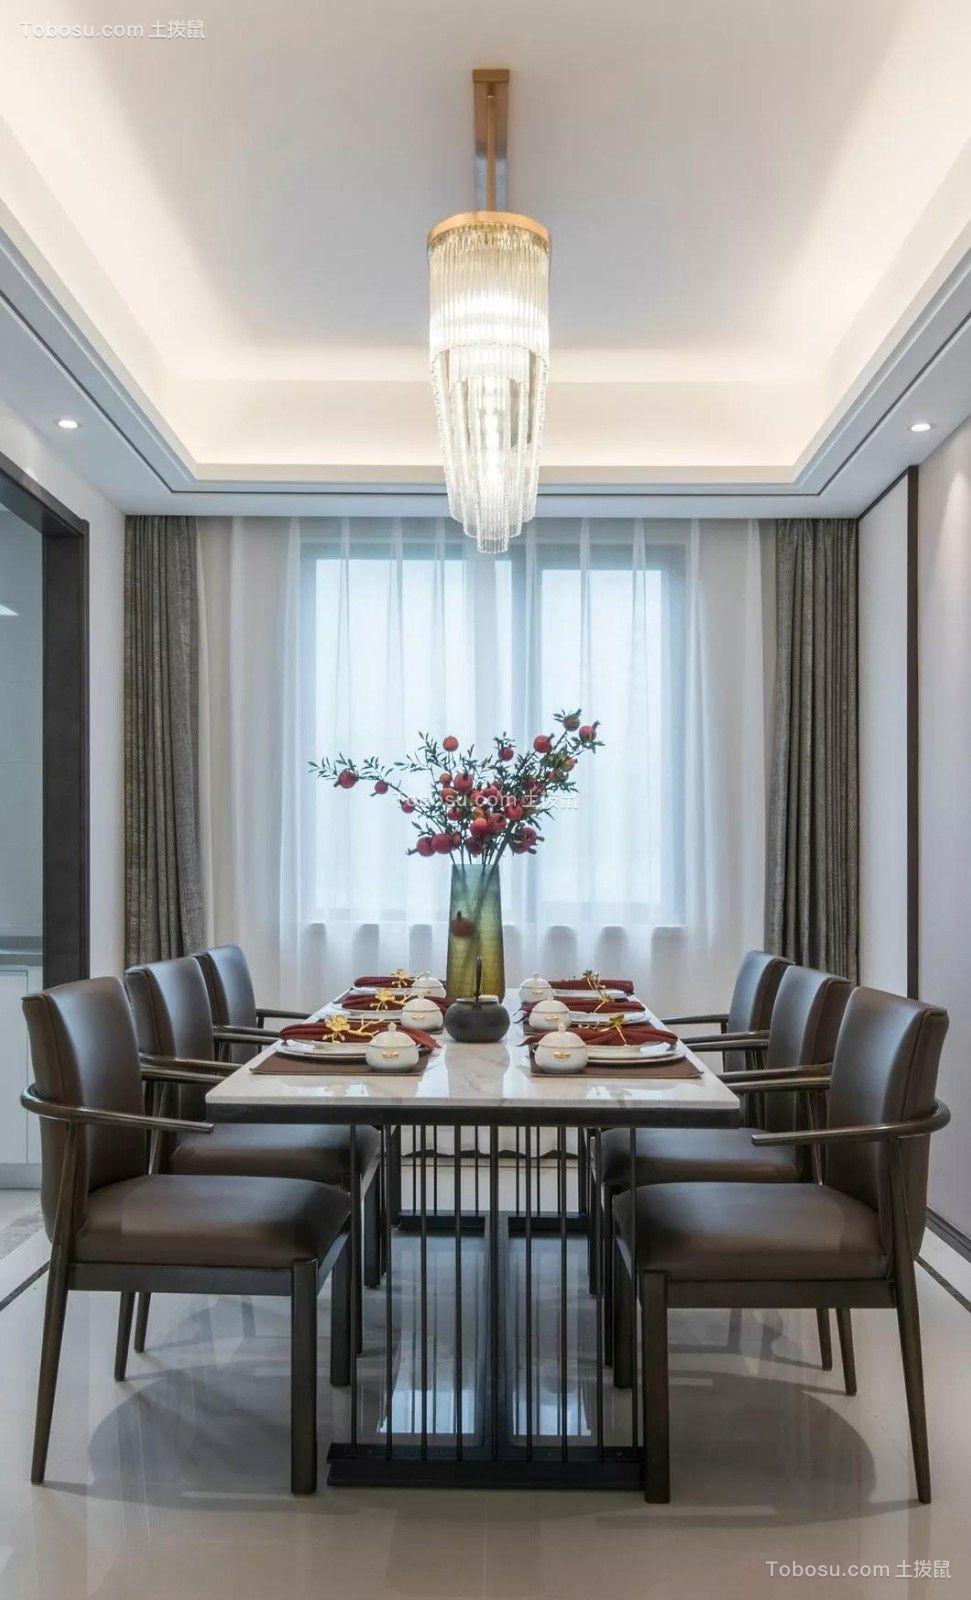 2019中式餐厅效果图 2019中式灯具装修效果图片